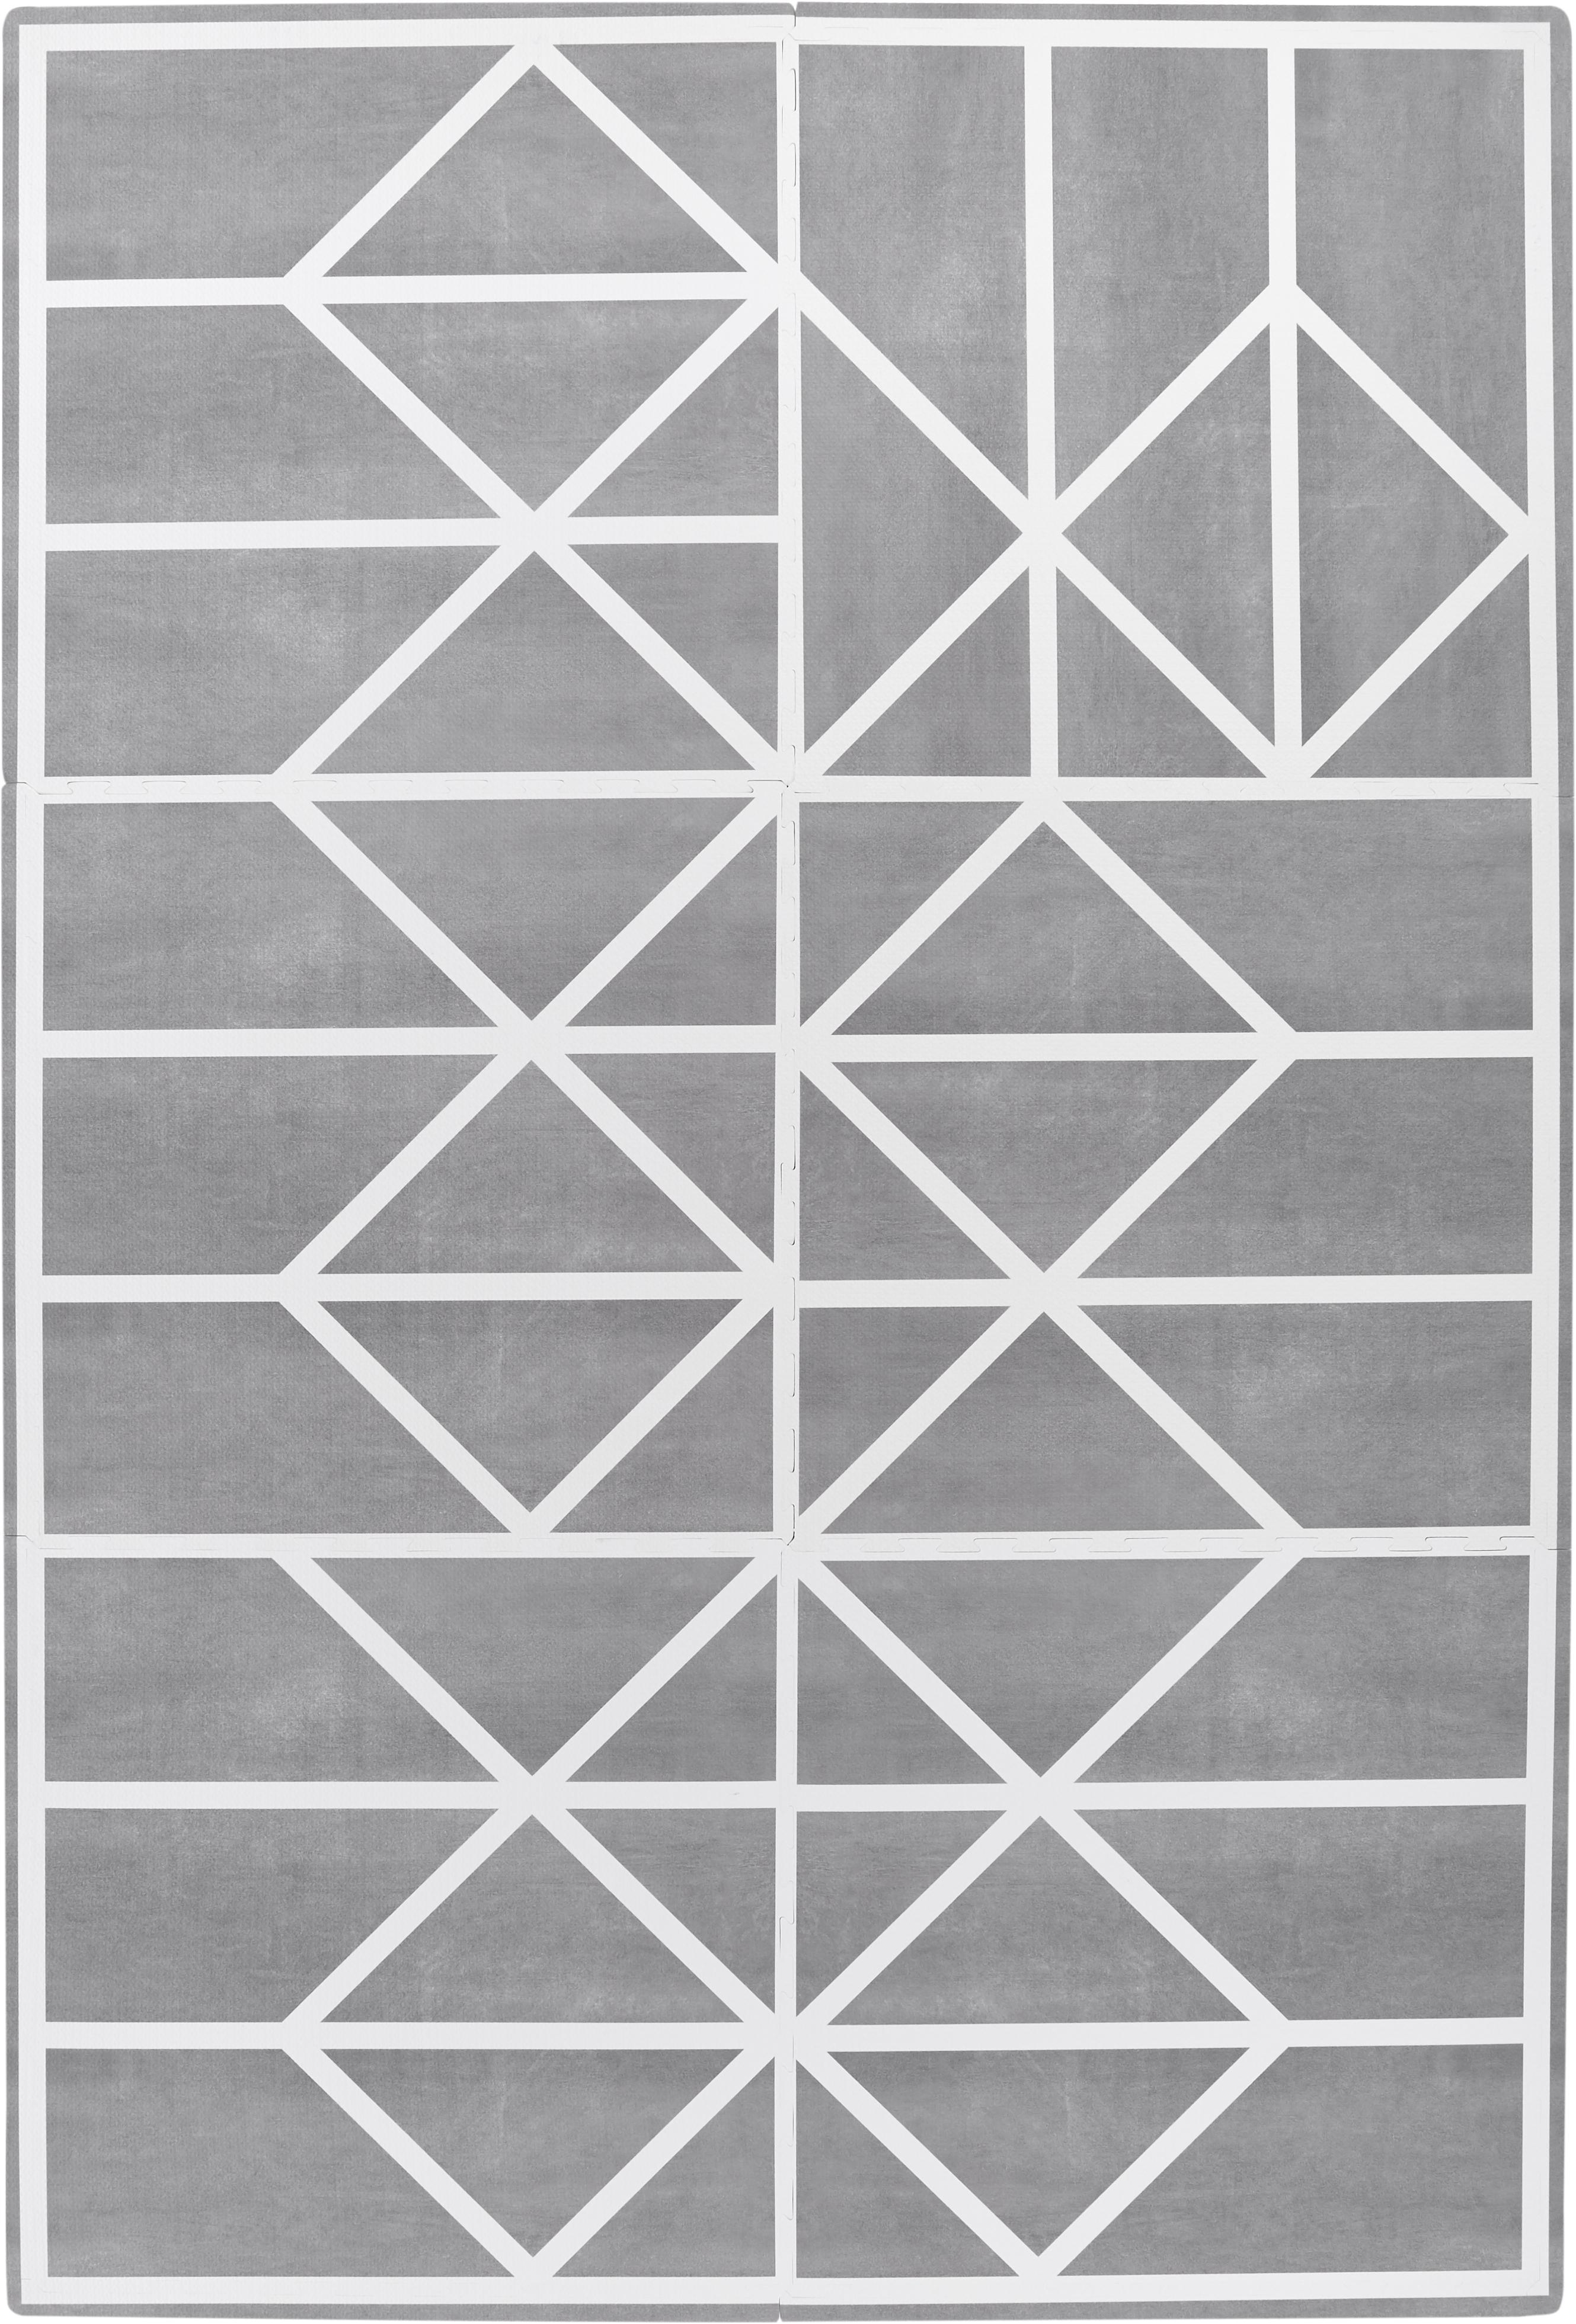 Komplet rozkładanej maty do zabawy Nordic, 18 elem., Piana (EVAC), bez zanieczyszczeń, Szary, kremowy, S 120 x D 180 cm